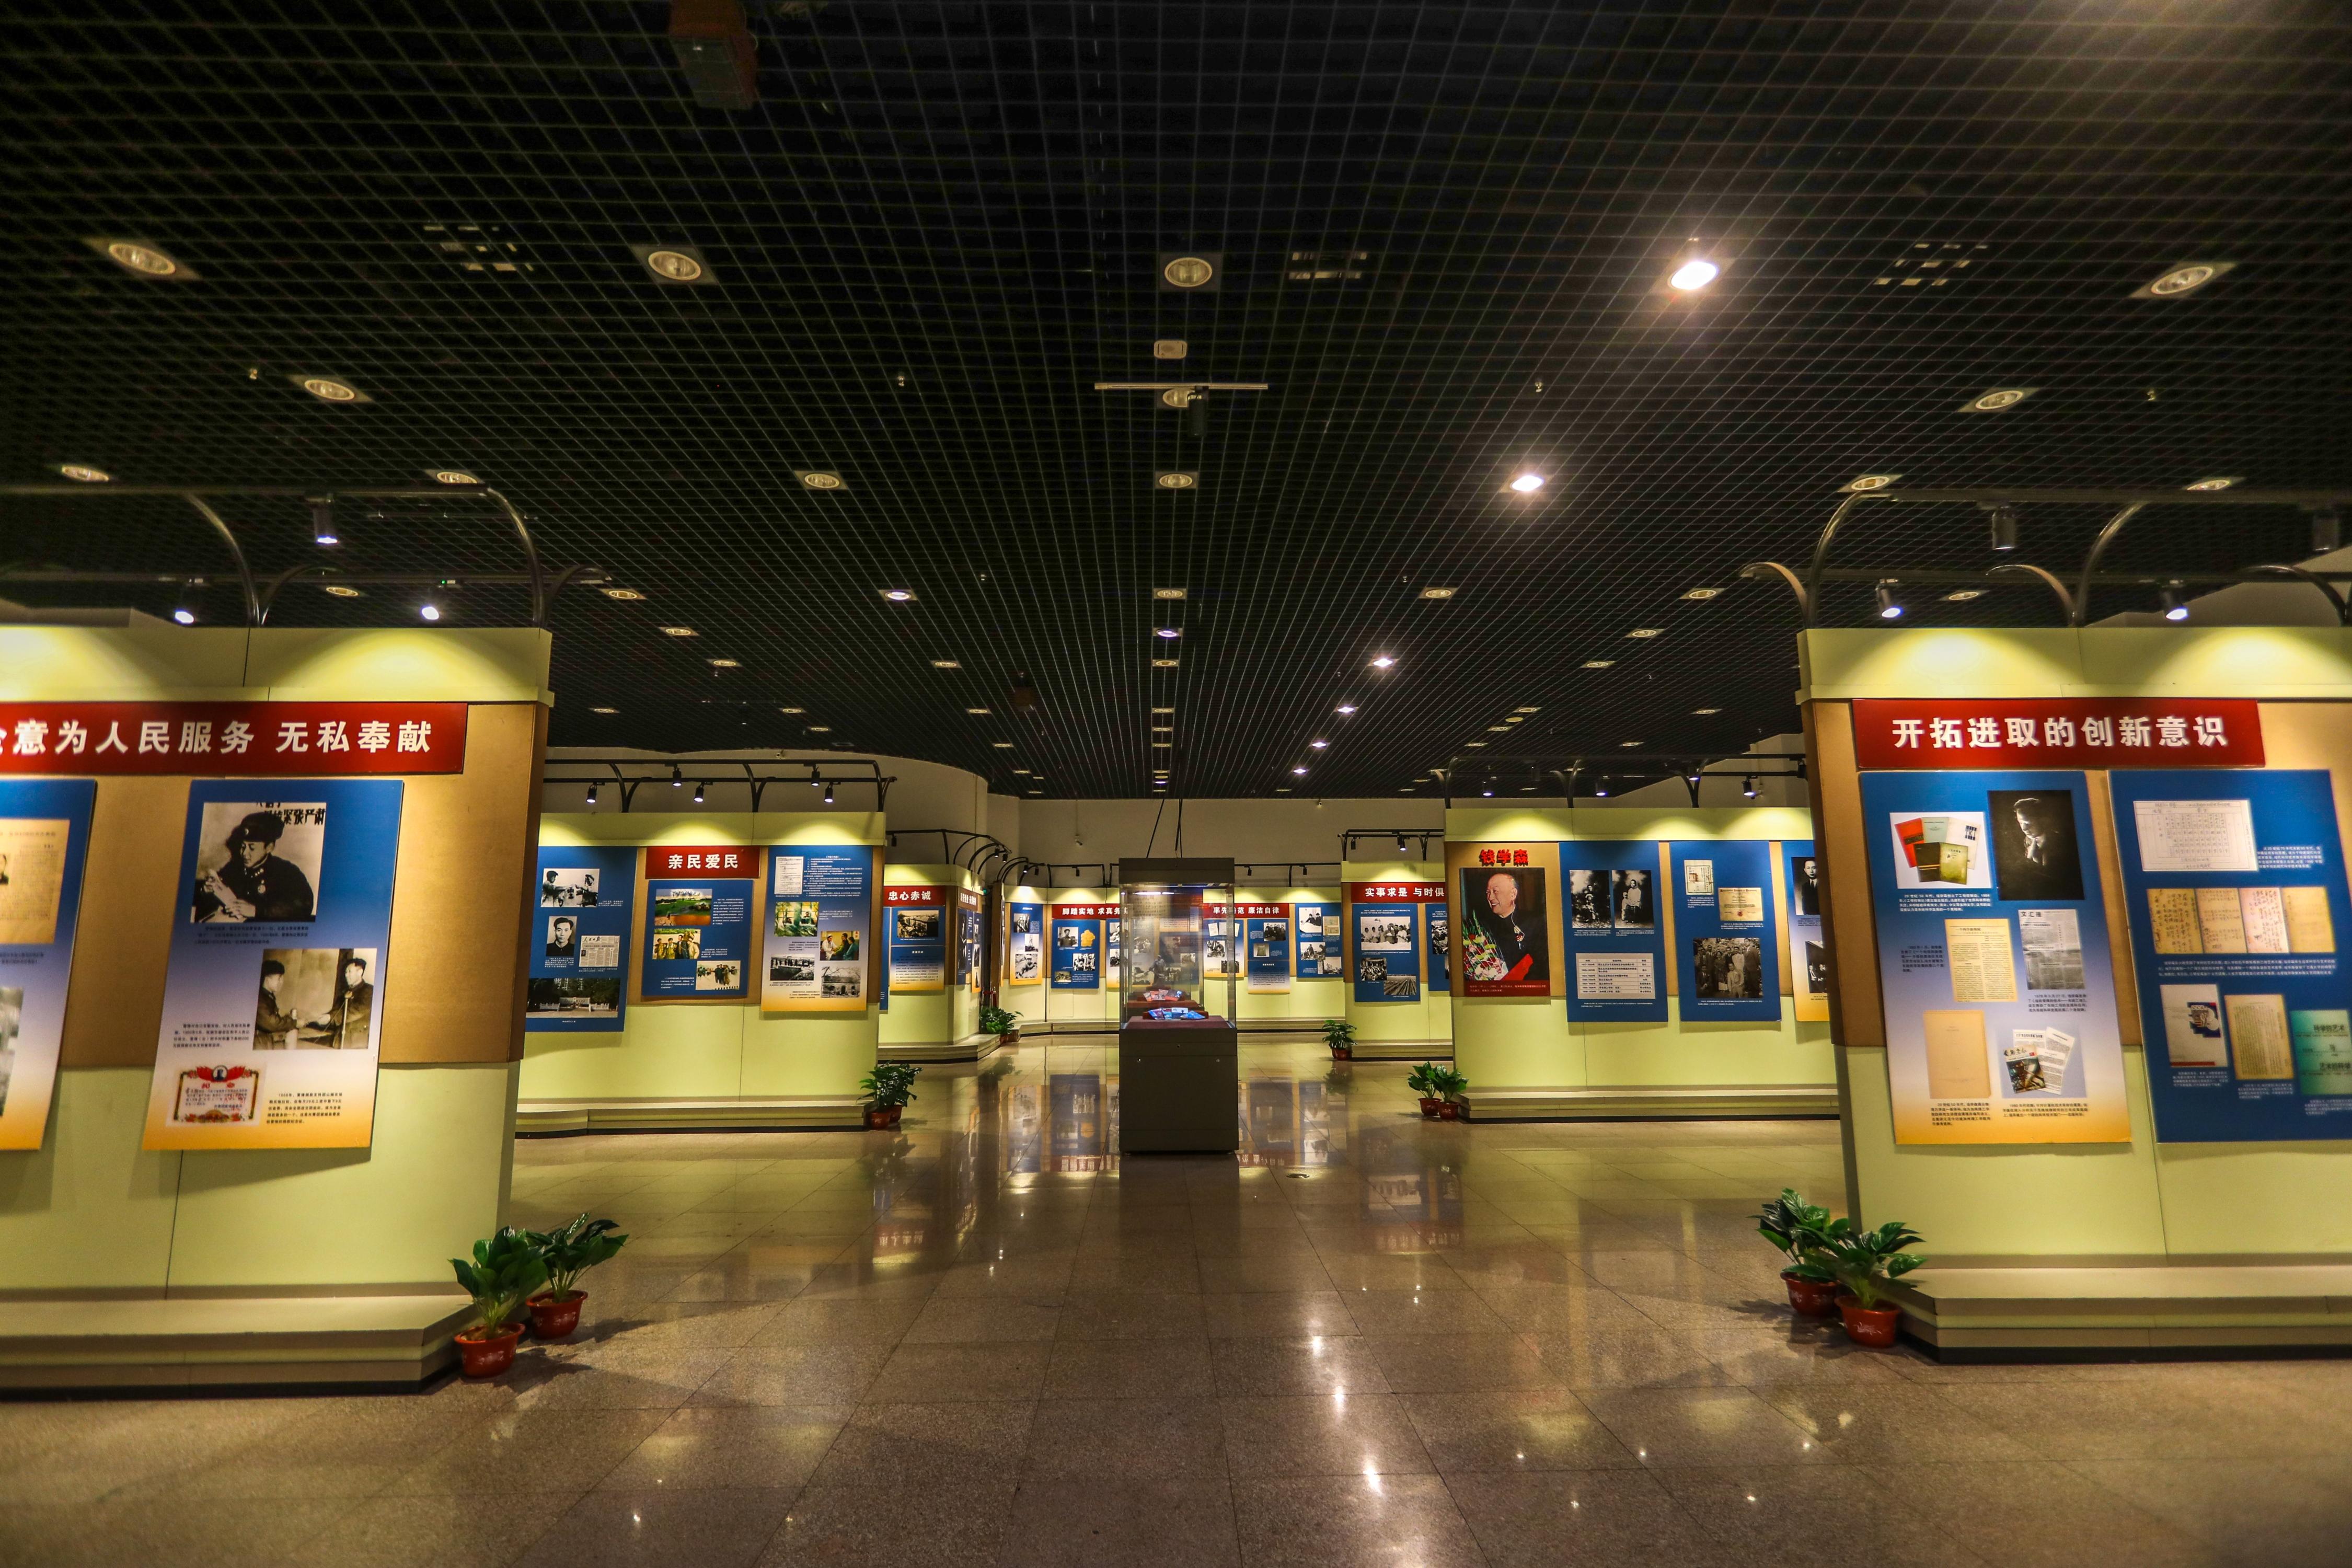 平津战役纪念馆旅游景点图片